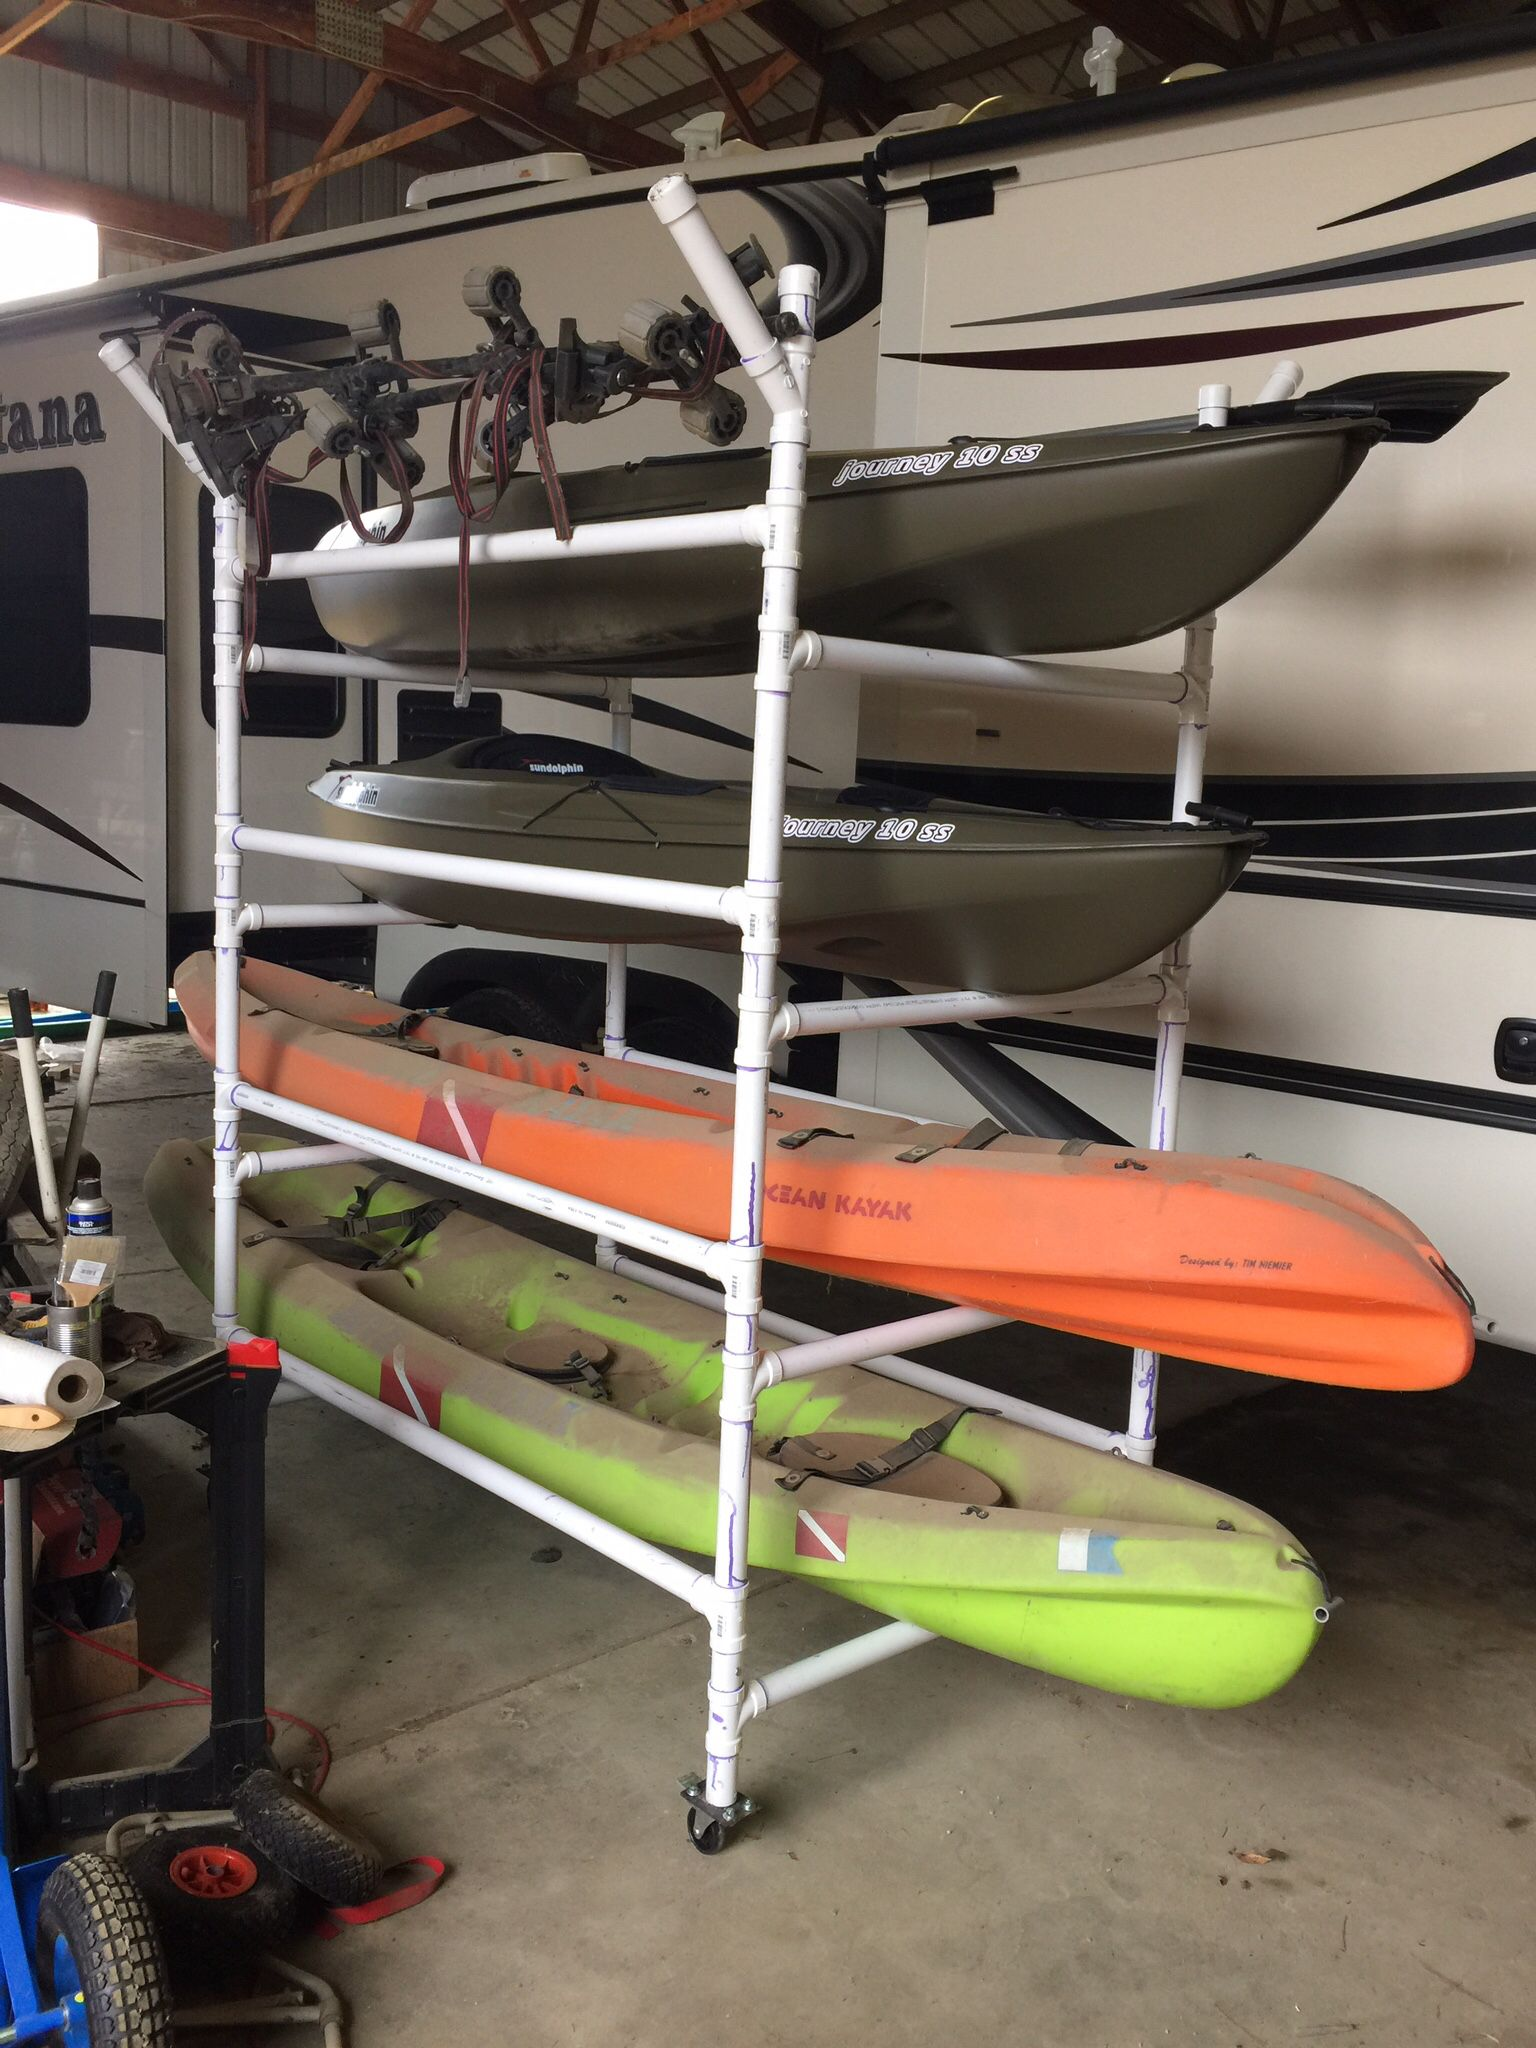 Homemade Pvc Kayak Rack Can Store 4 Kayaks Paddles